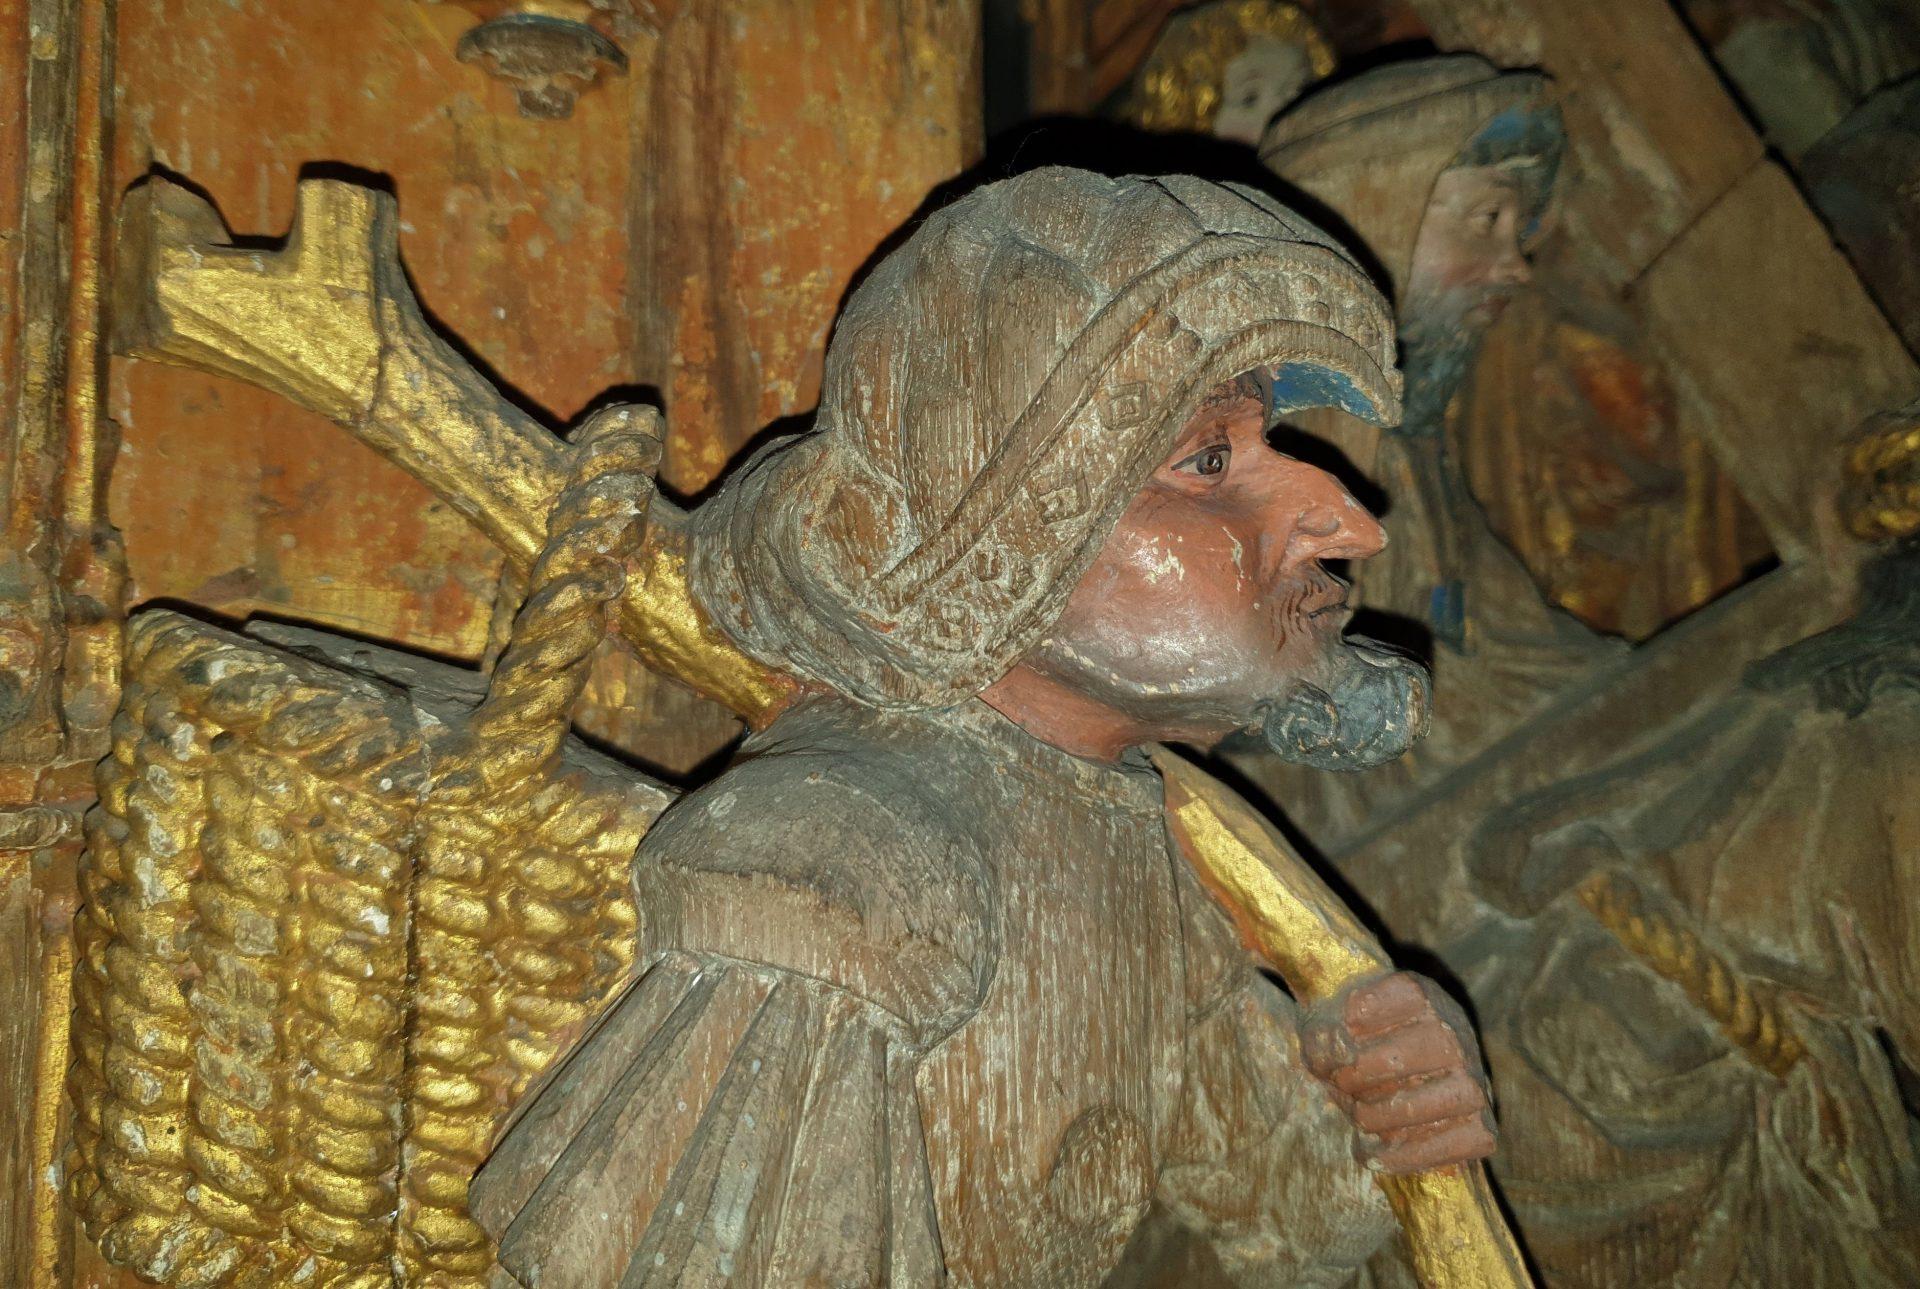 Träskulptur föreställande en man med en korg på ryggen. Från ett medeltida altare.